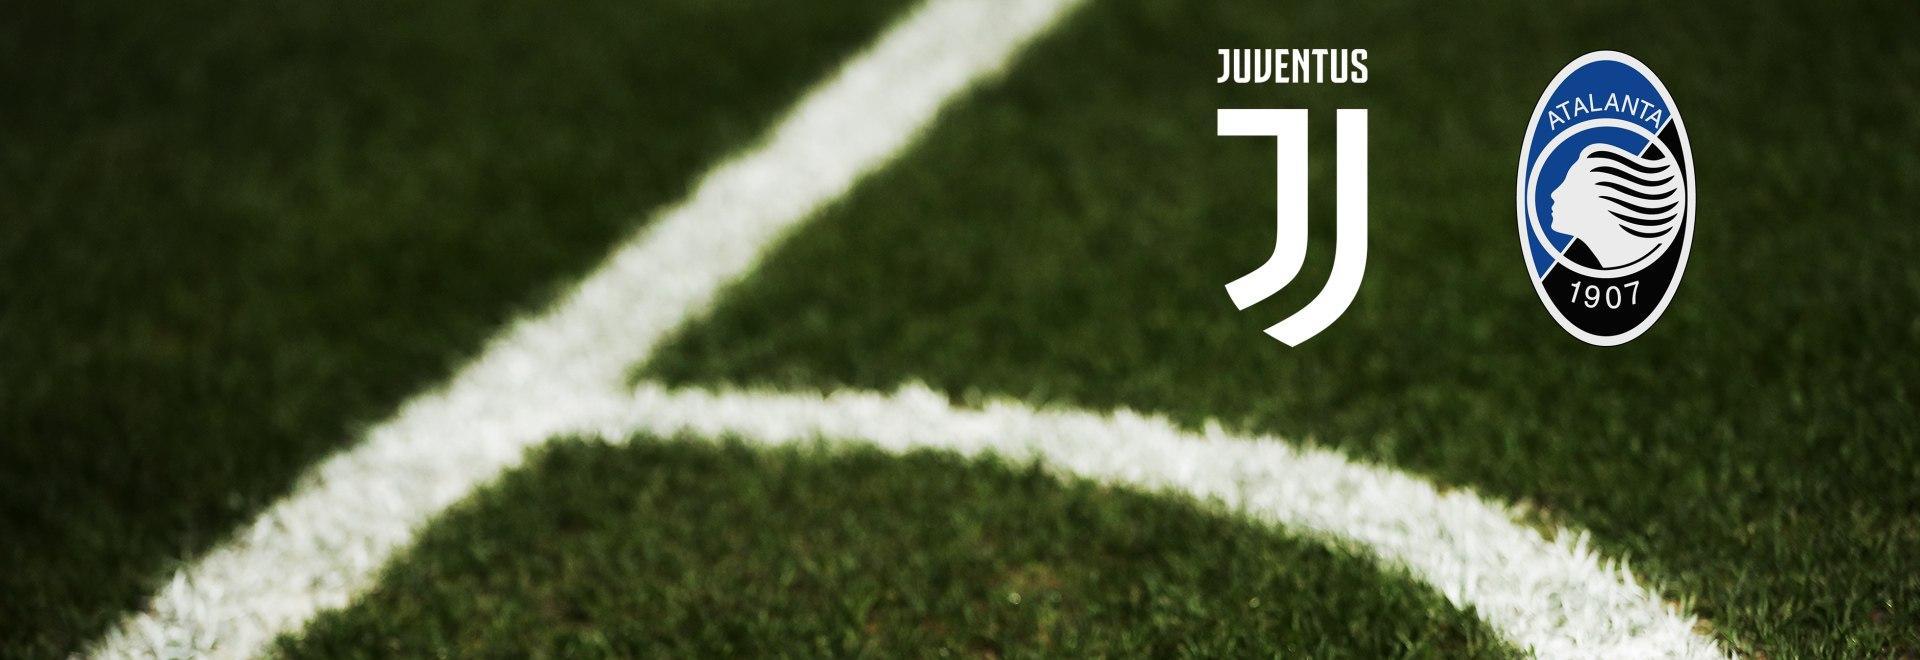 Juventus - Atalanta. 32a g.